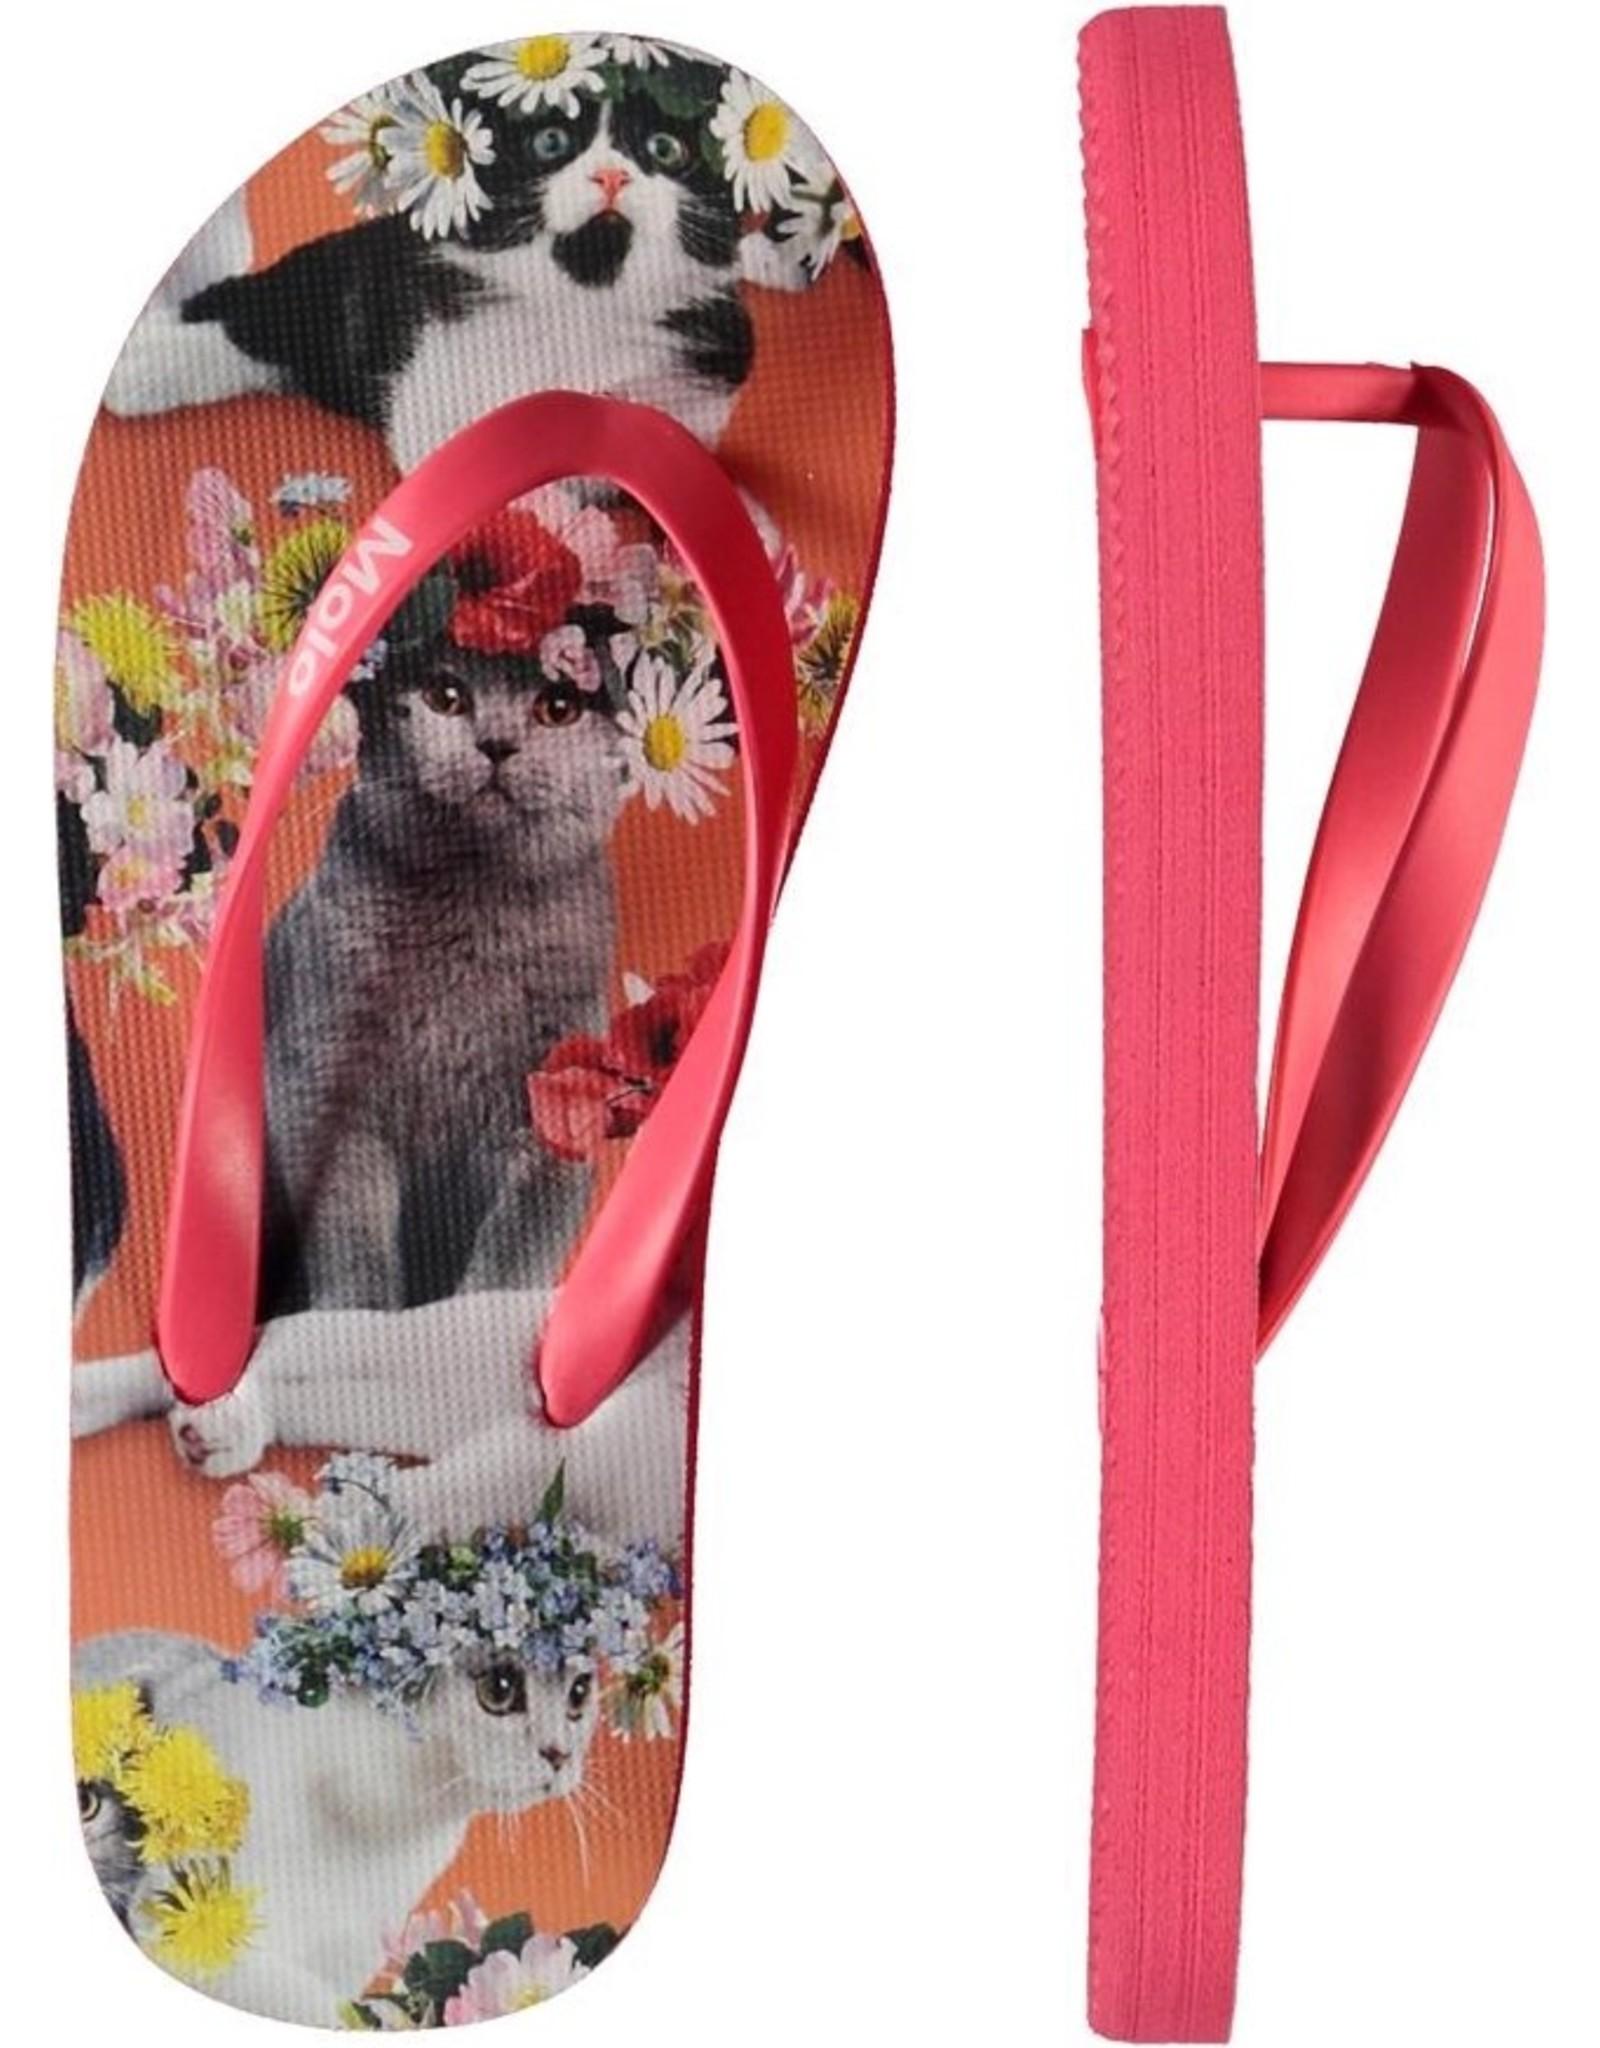 Molo Molo Zeppo Flower Power Cats